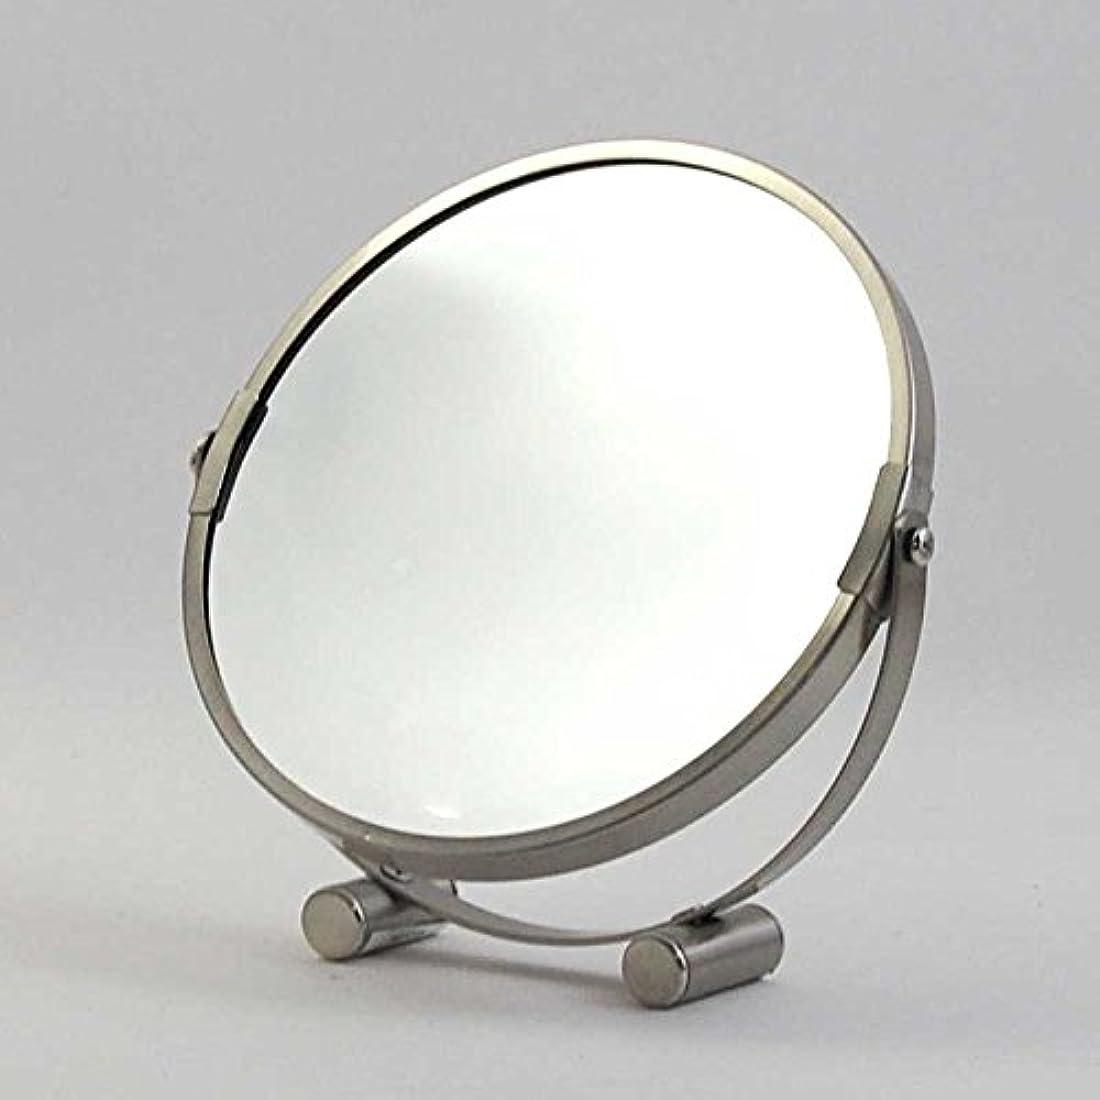 生息地ファランクス記録卓上ミラー ダルトン ROUND MIRROR ラウンド ミラー A655-723 丸型 両面鏡 拡大鏡付